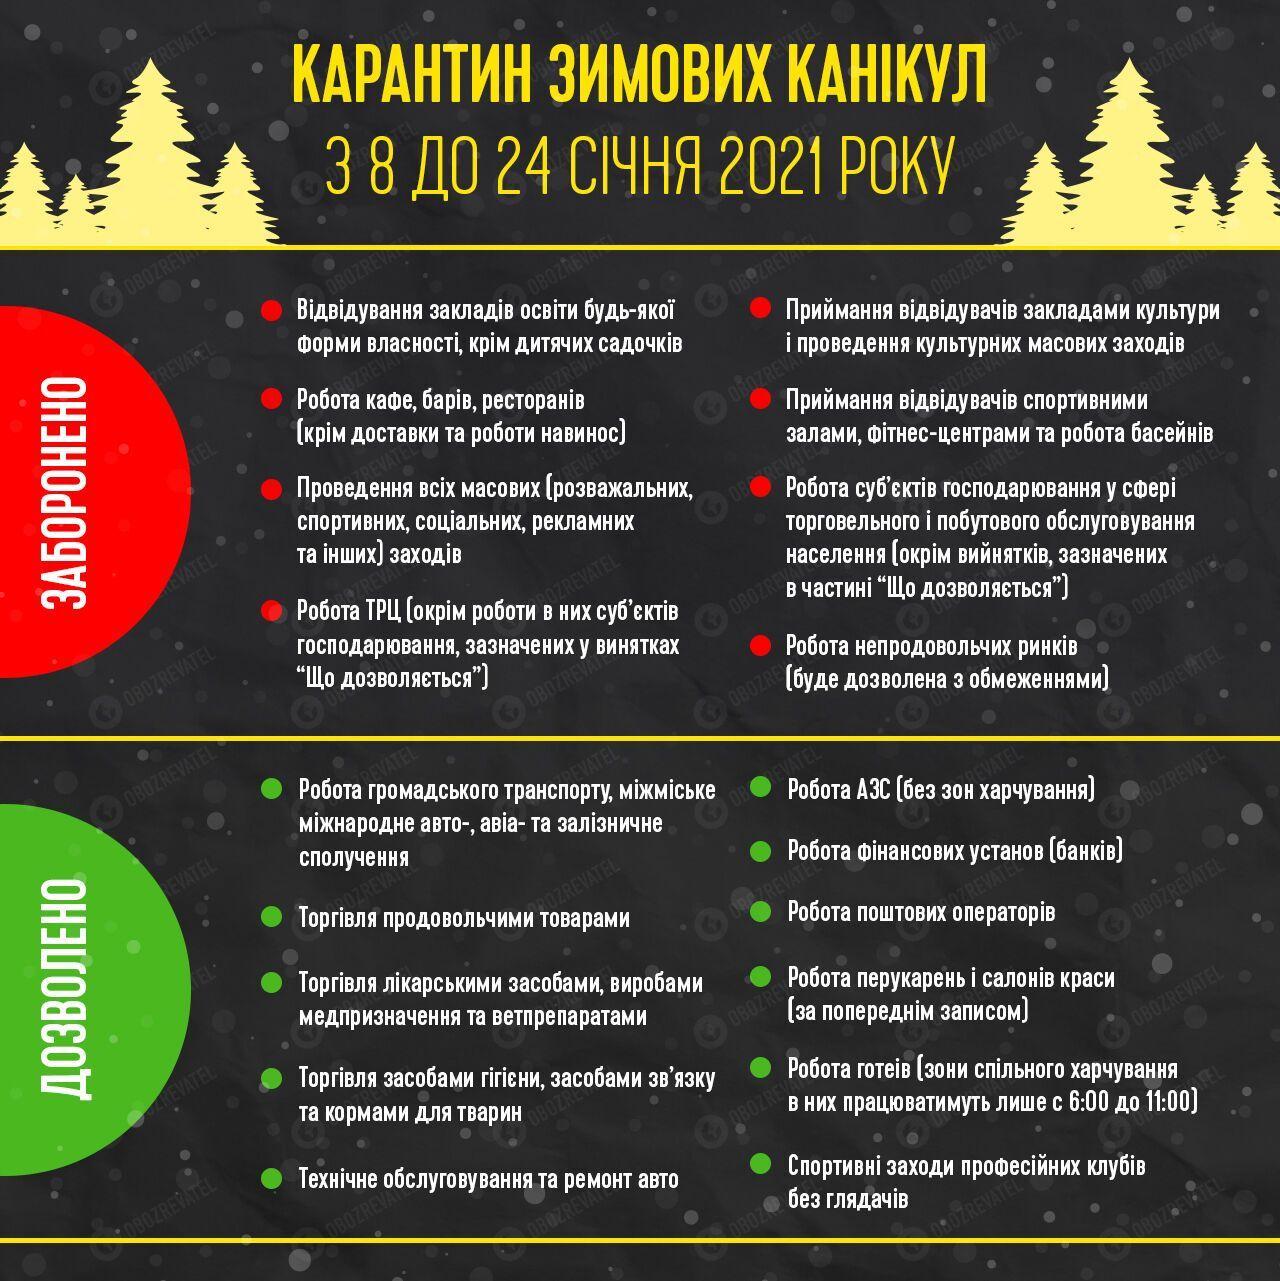 Карантинні обмеження в Україні.